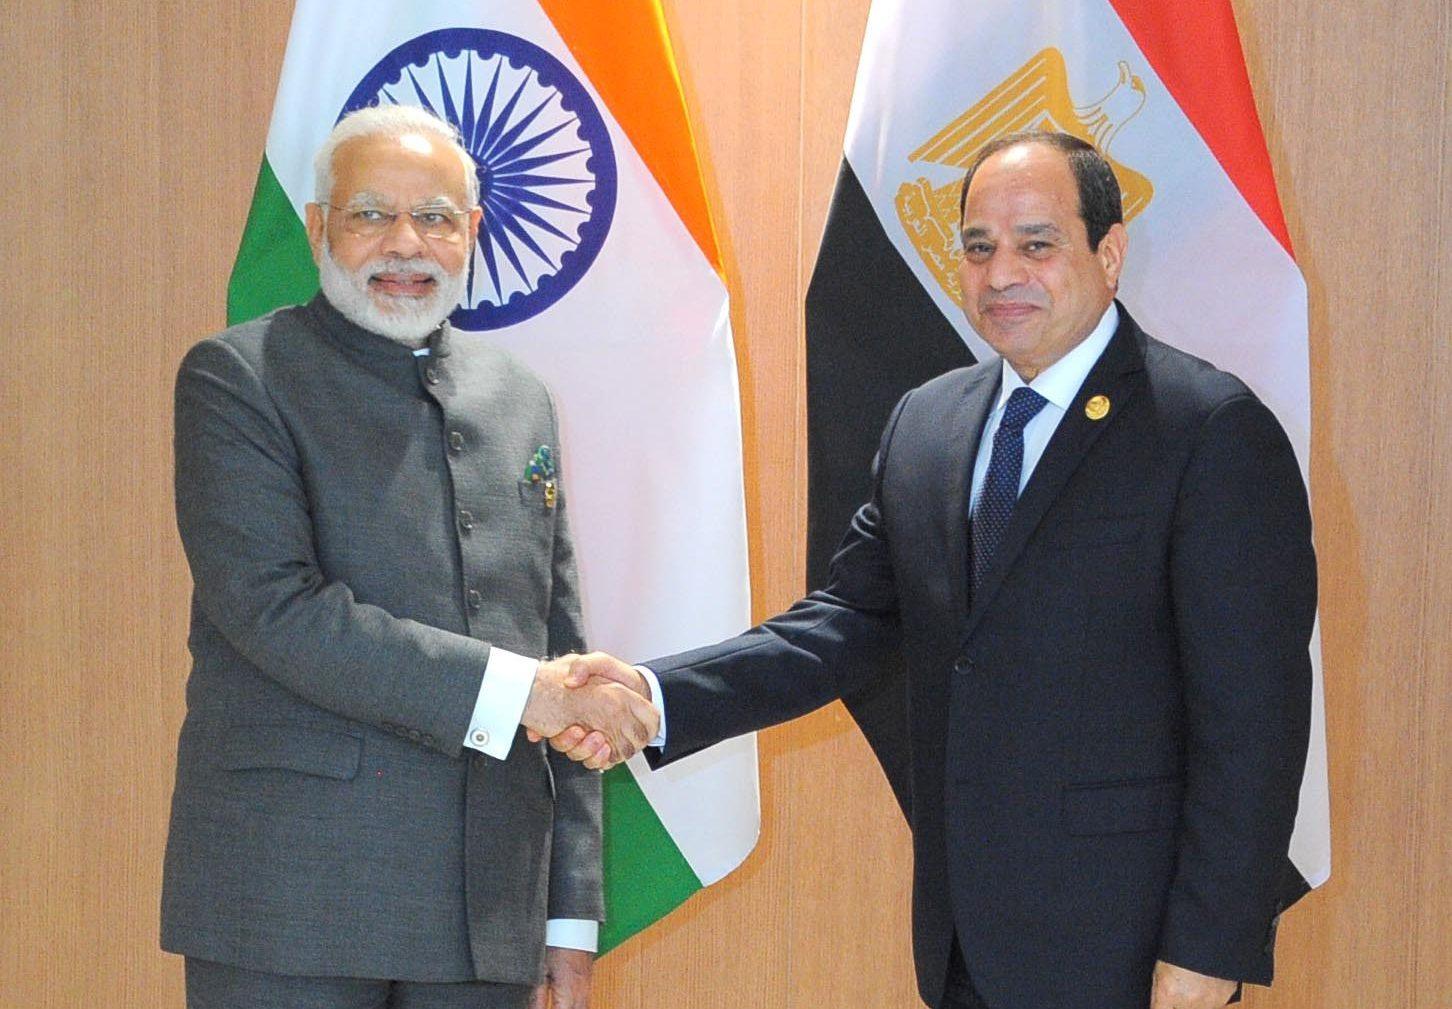 السيسي يبحث هاتفيًا مع رئيس وزراء الهند تبادل الخبرات لمكافحة كورونا